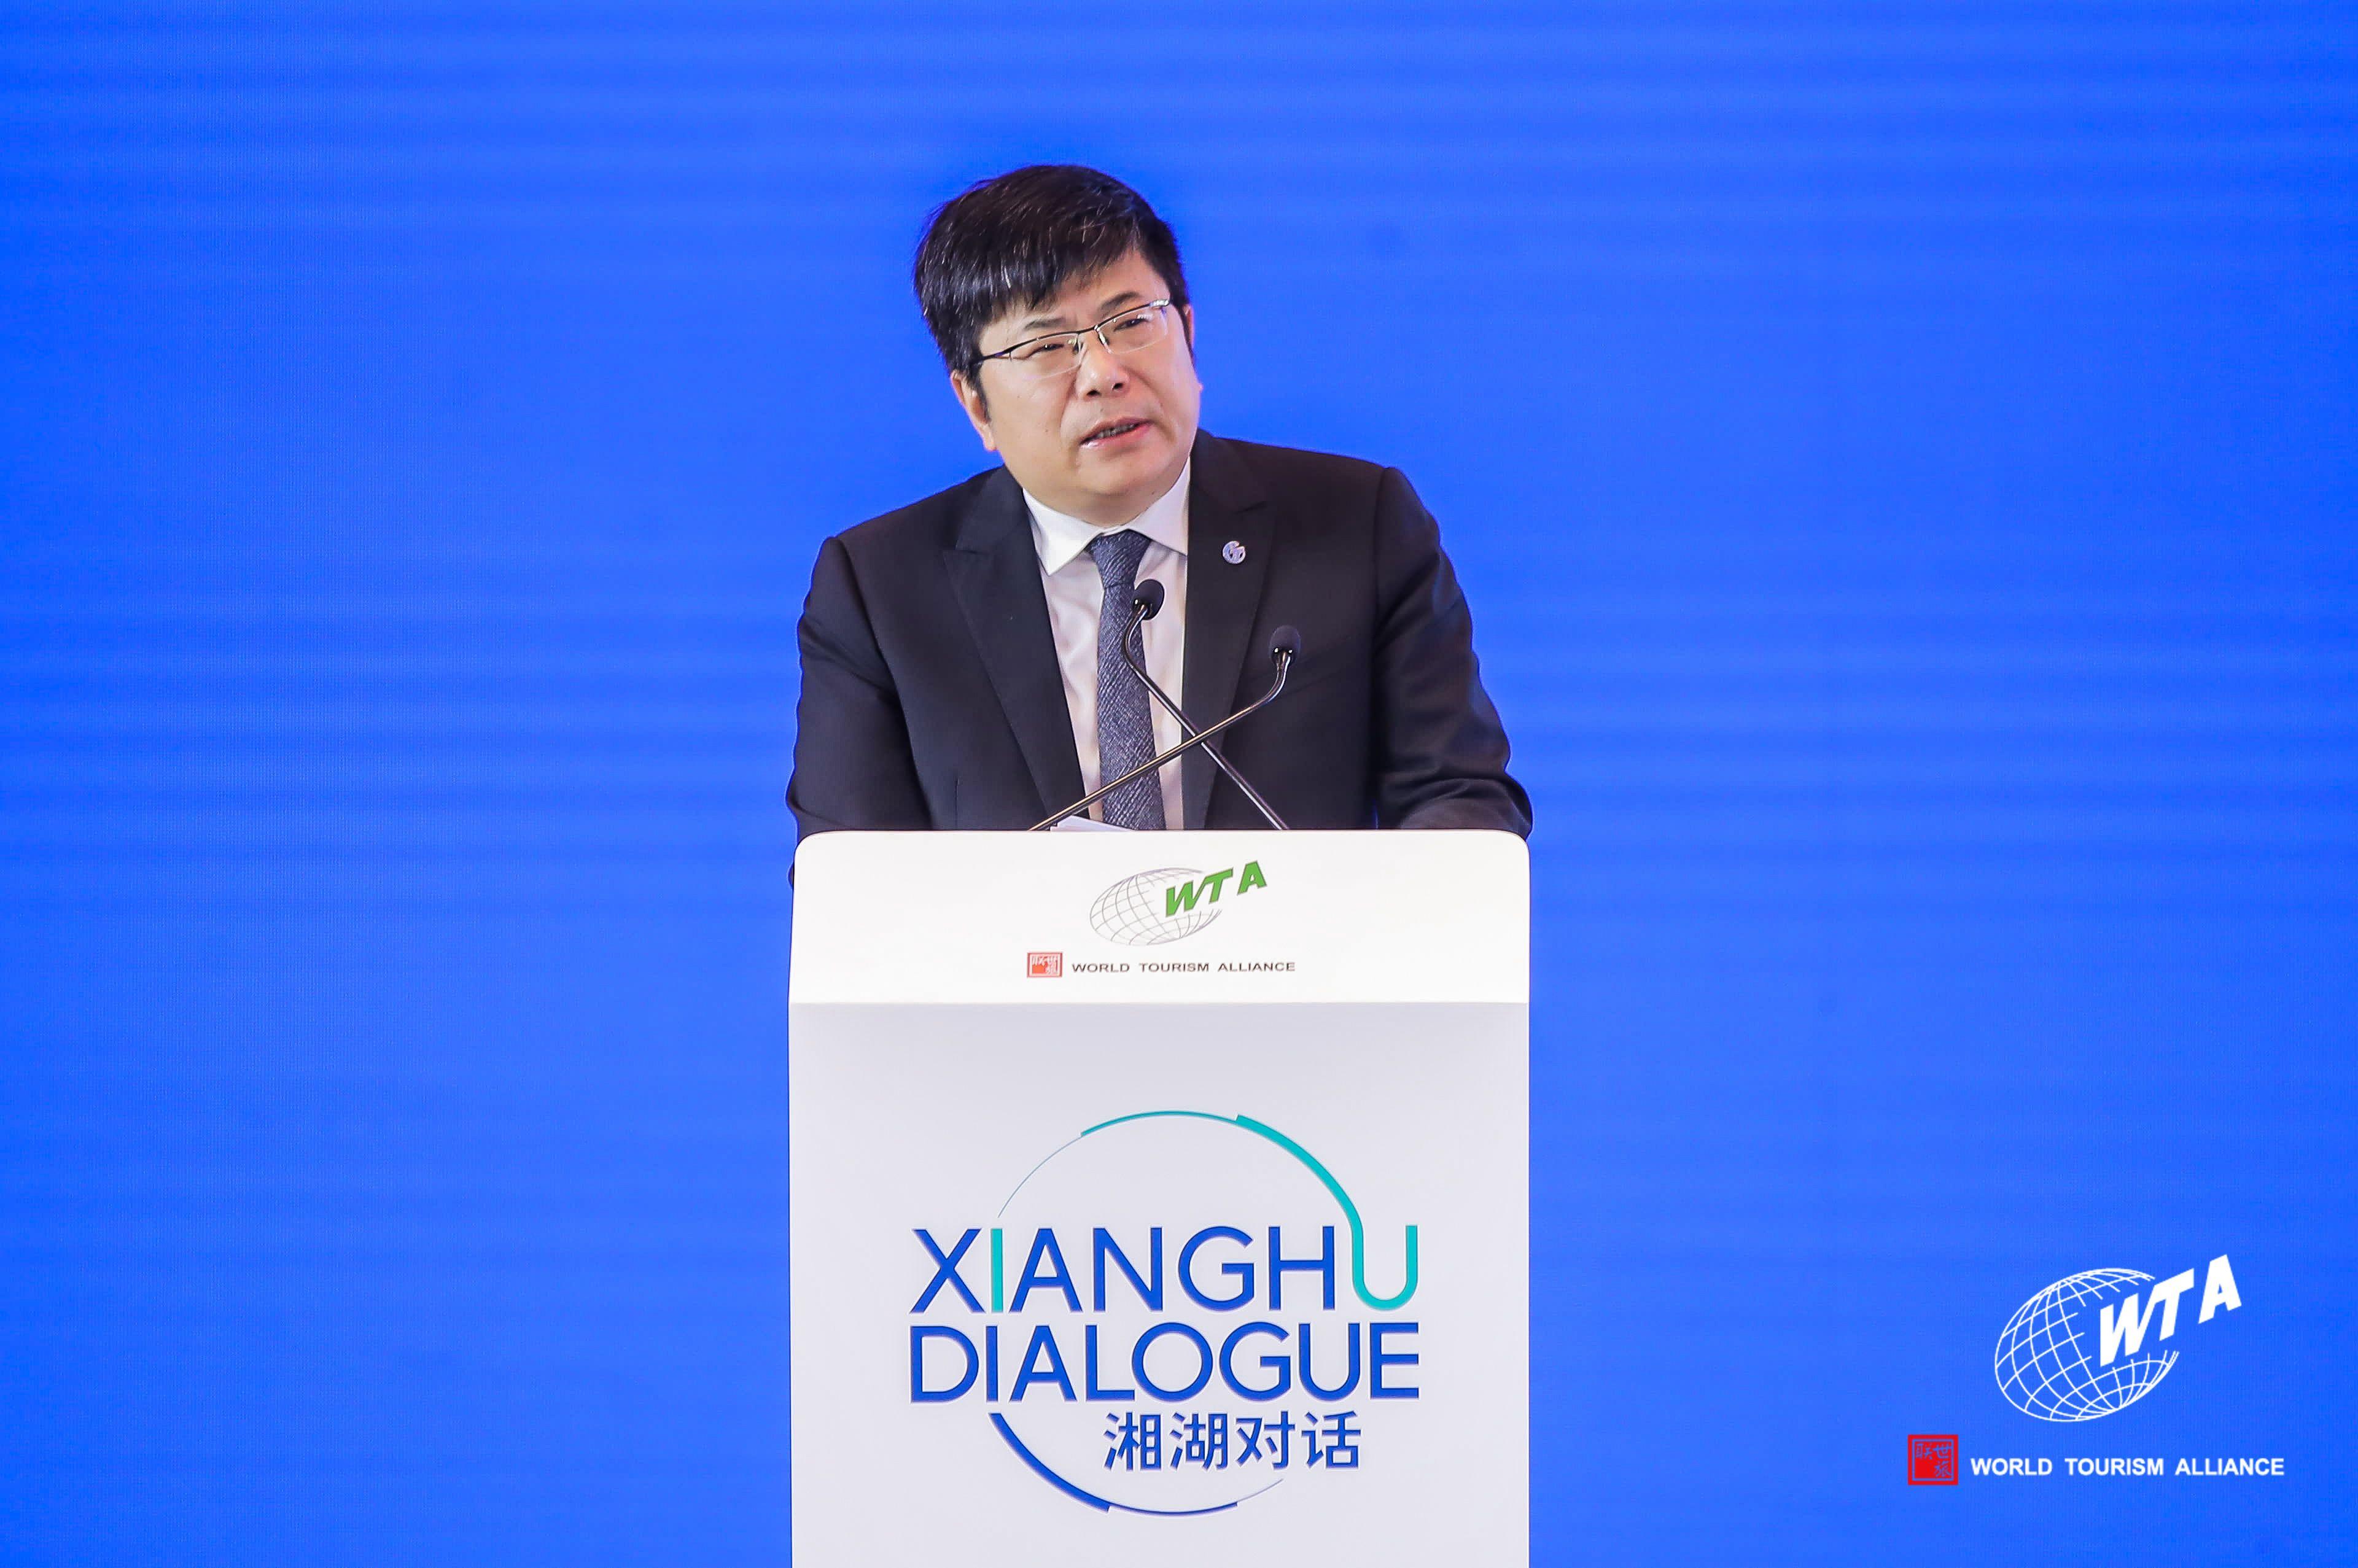 文旅大咖说 | 戴斌:一个更高质量、更可持续的旅游业终将从危机中复兴